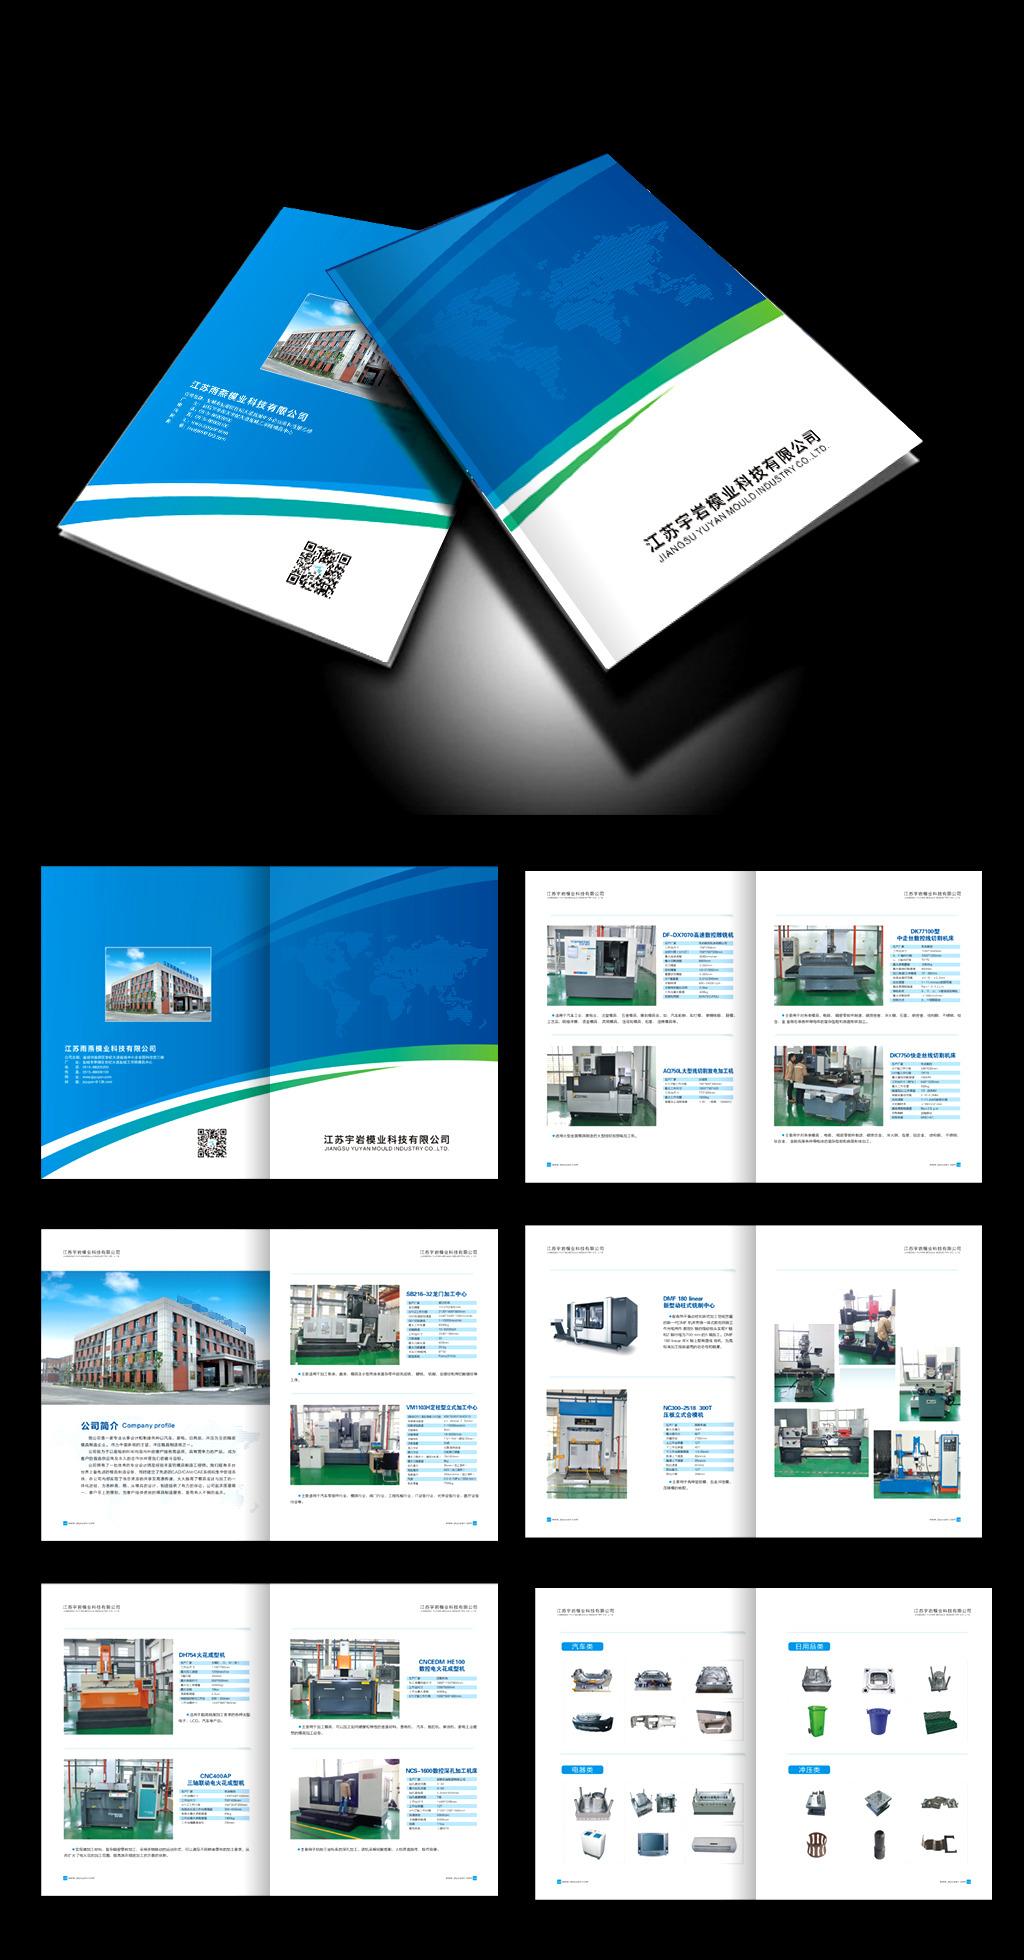 企业画册公司产品宣传册图片